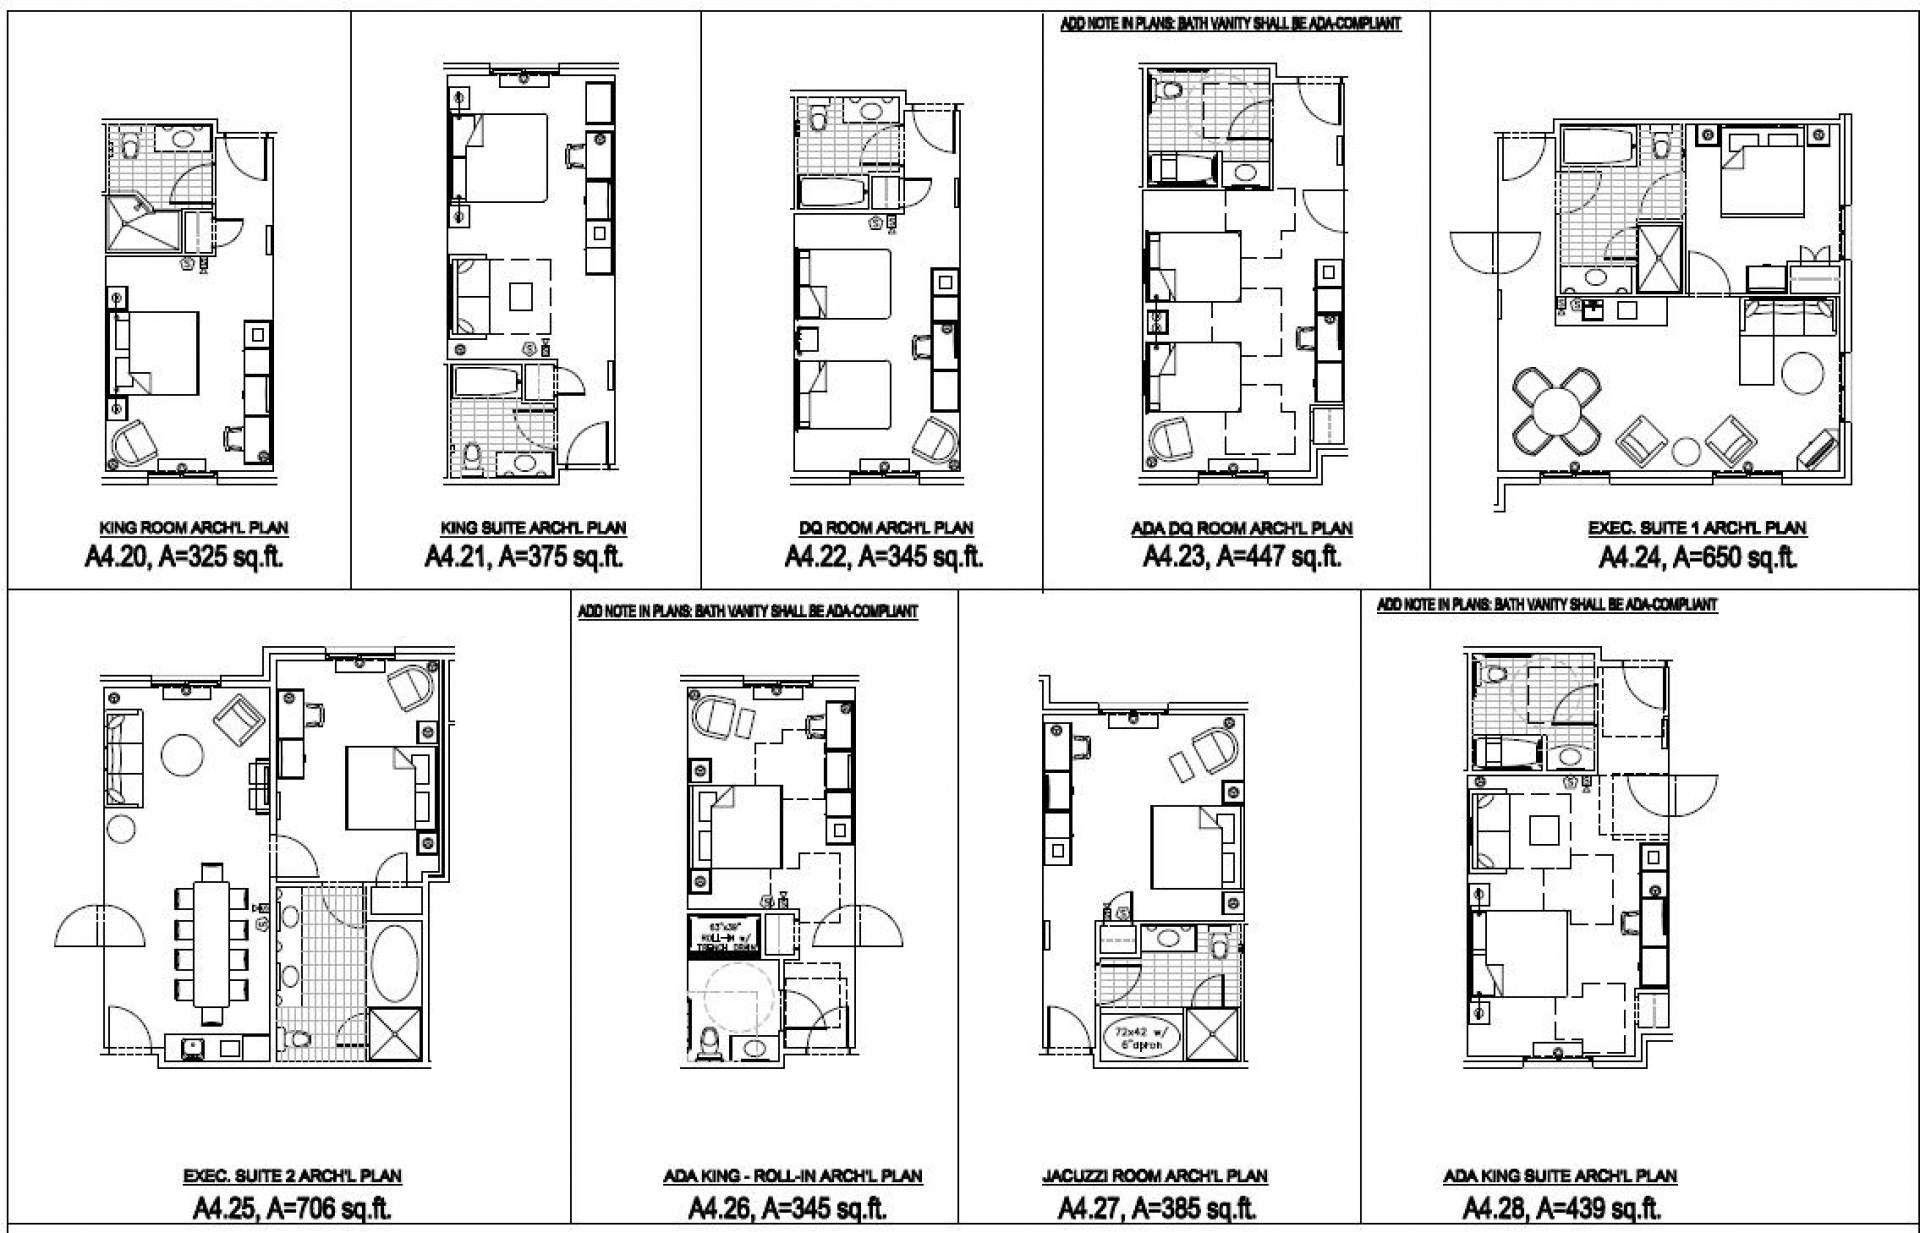 Open Floor Plan Furniture Layout Hotel Floor Plan Floor Plan Layout Hotel Floor